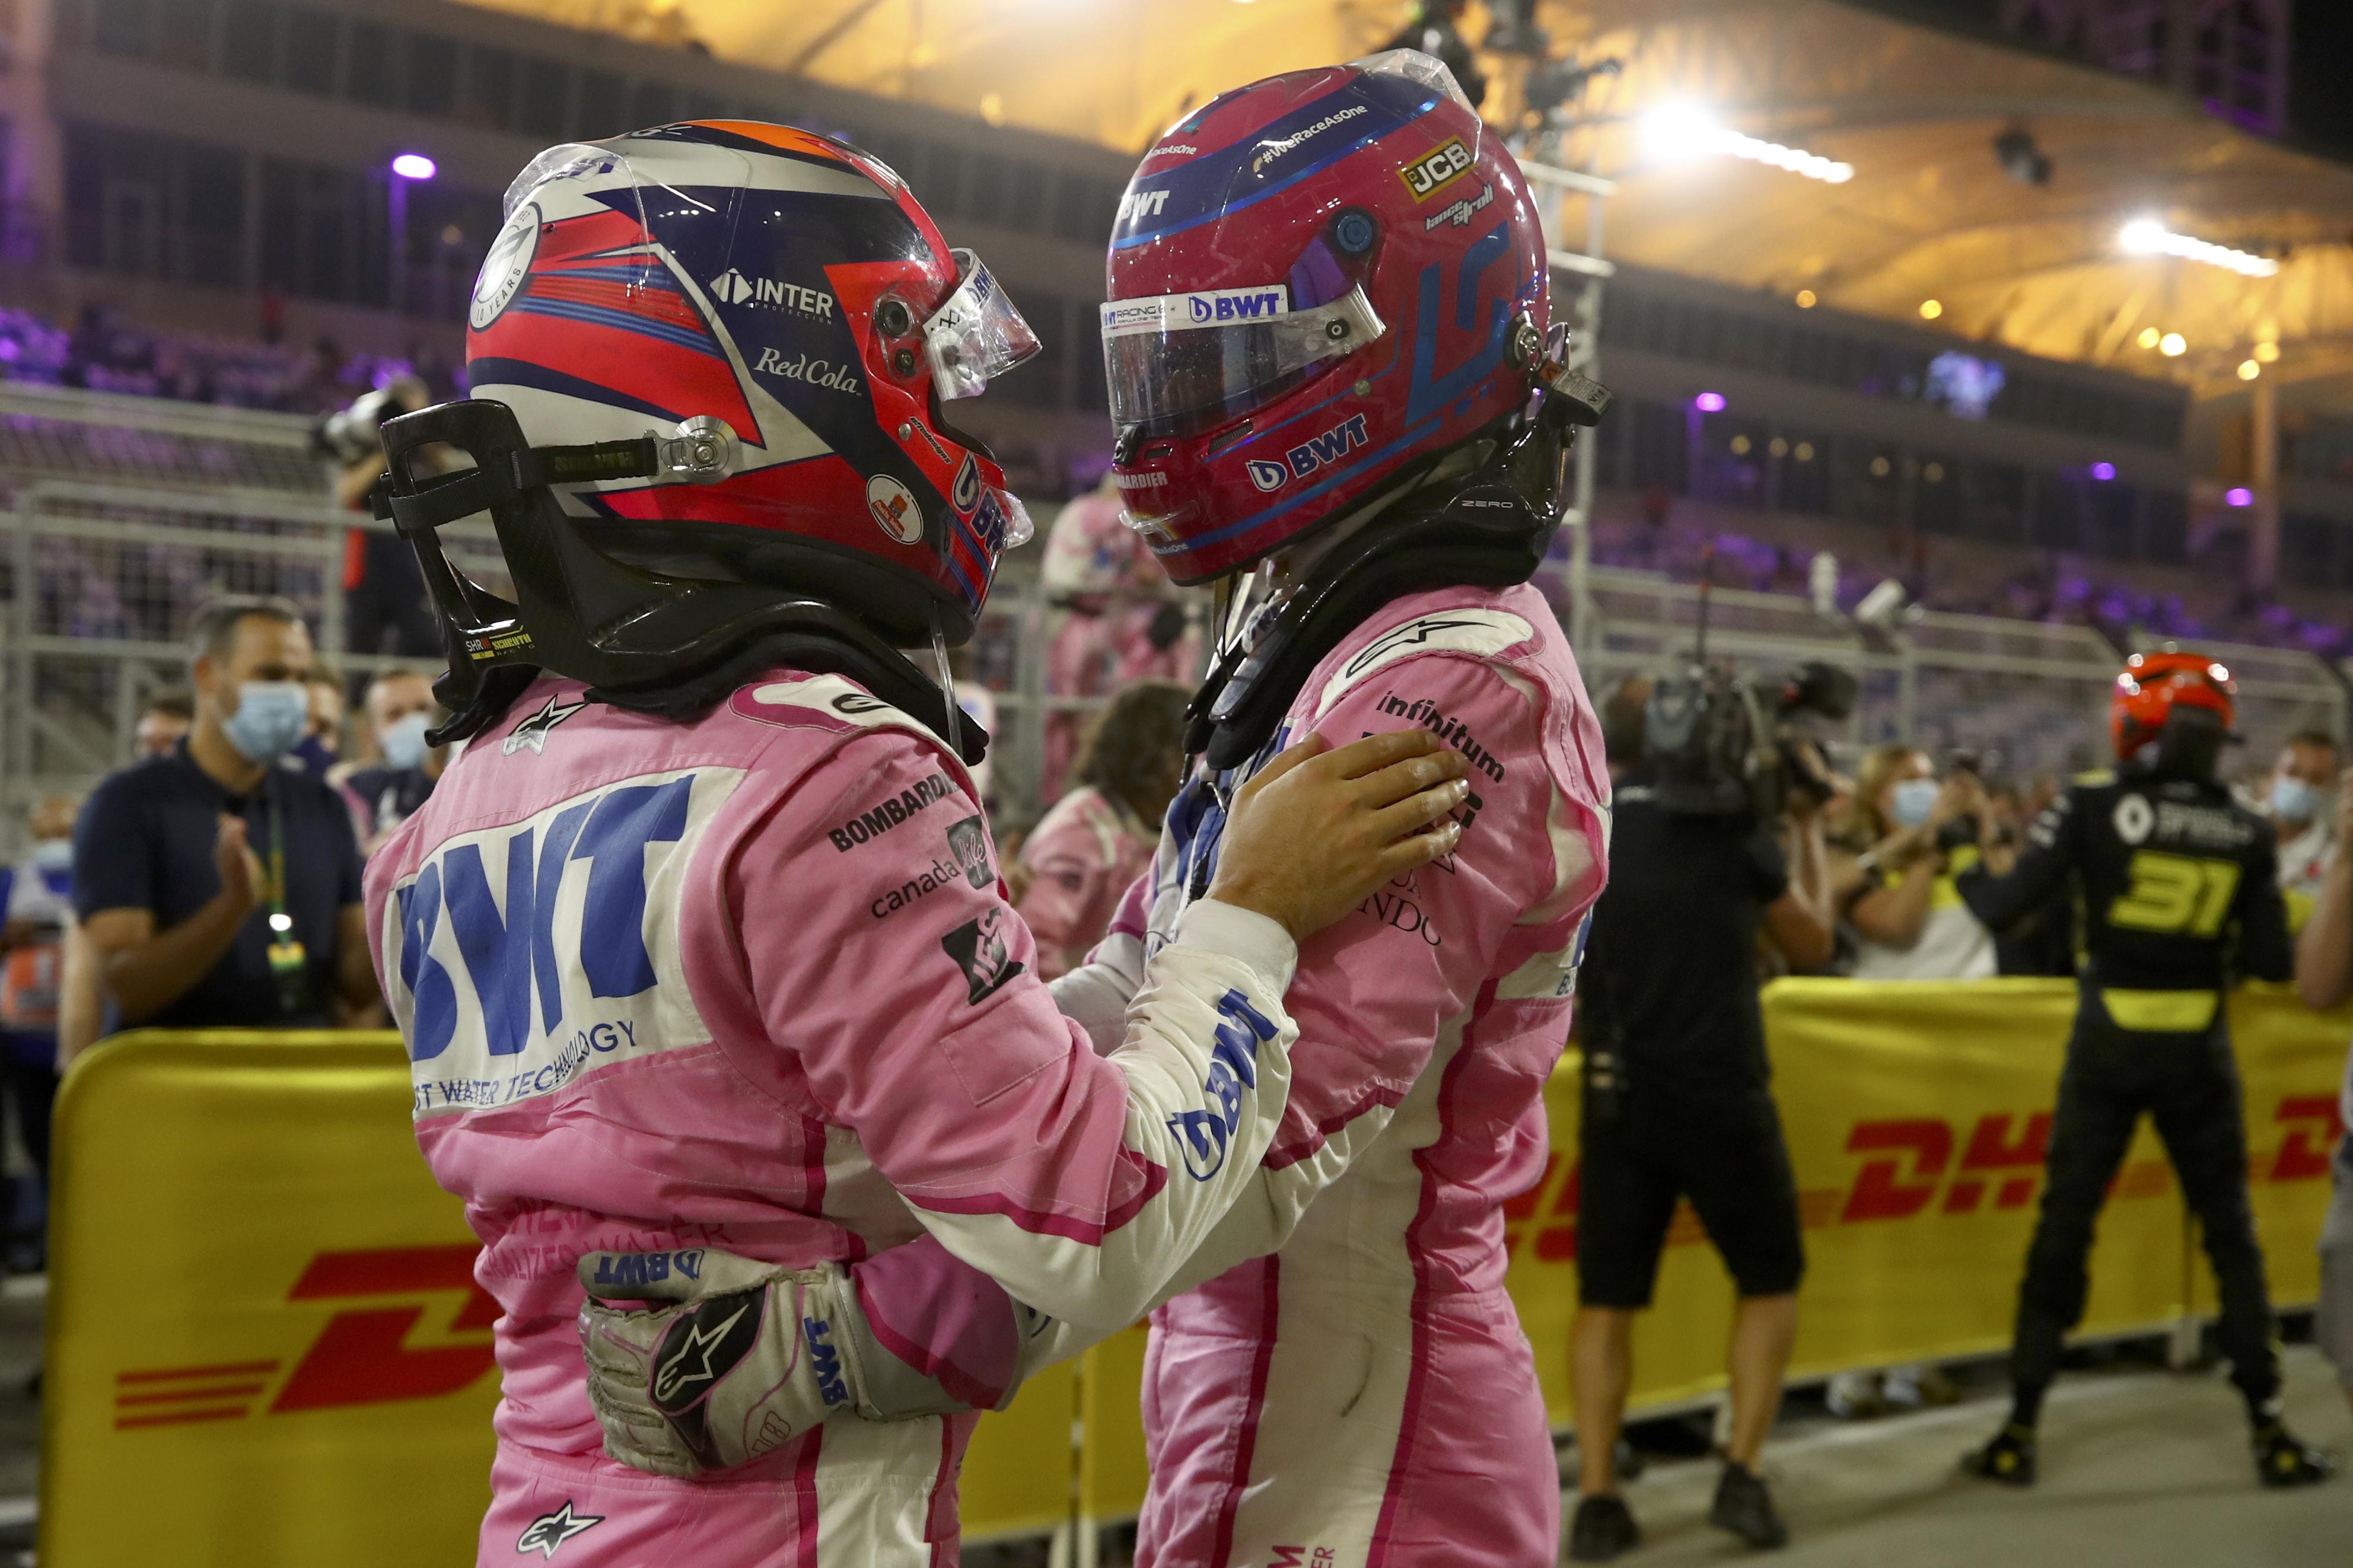 El piloto de Racing Point Sergio Pérez de México, a la izquierda, celebra con su compañero de equipo Lance Stroll de Canadá después de ganar el Gran Premio de Fórmula Uno en Sakhir, Baréin el domingo 6 de diciembre de 2020.